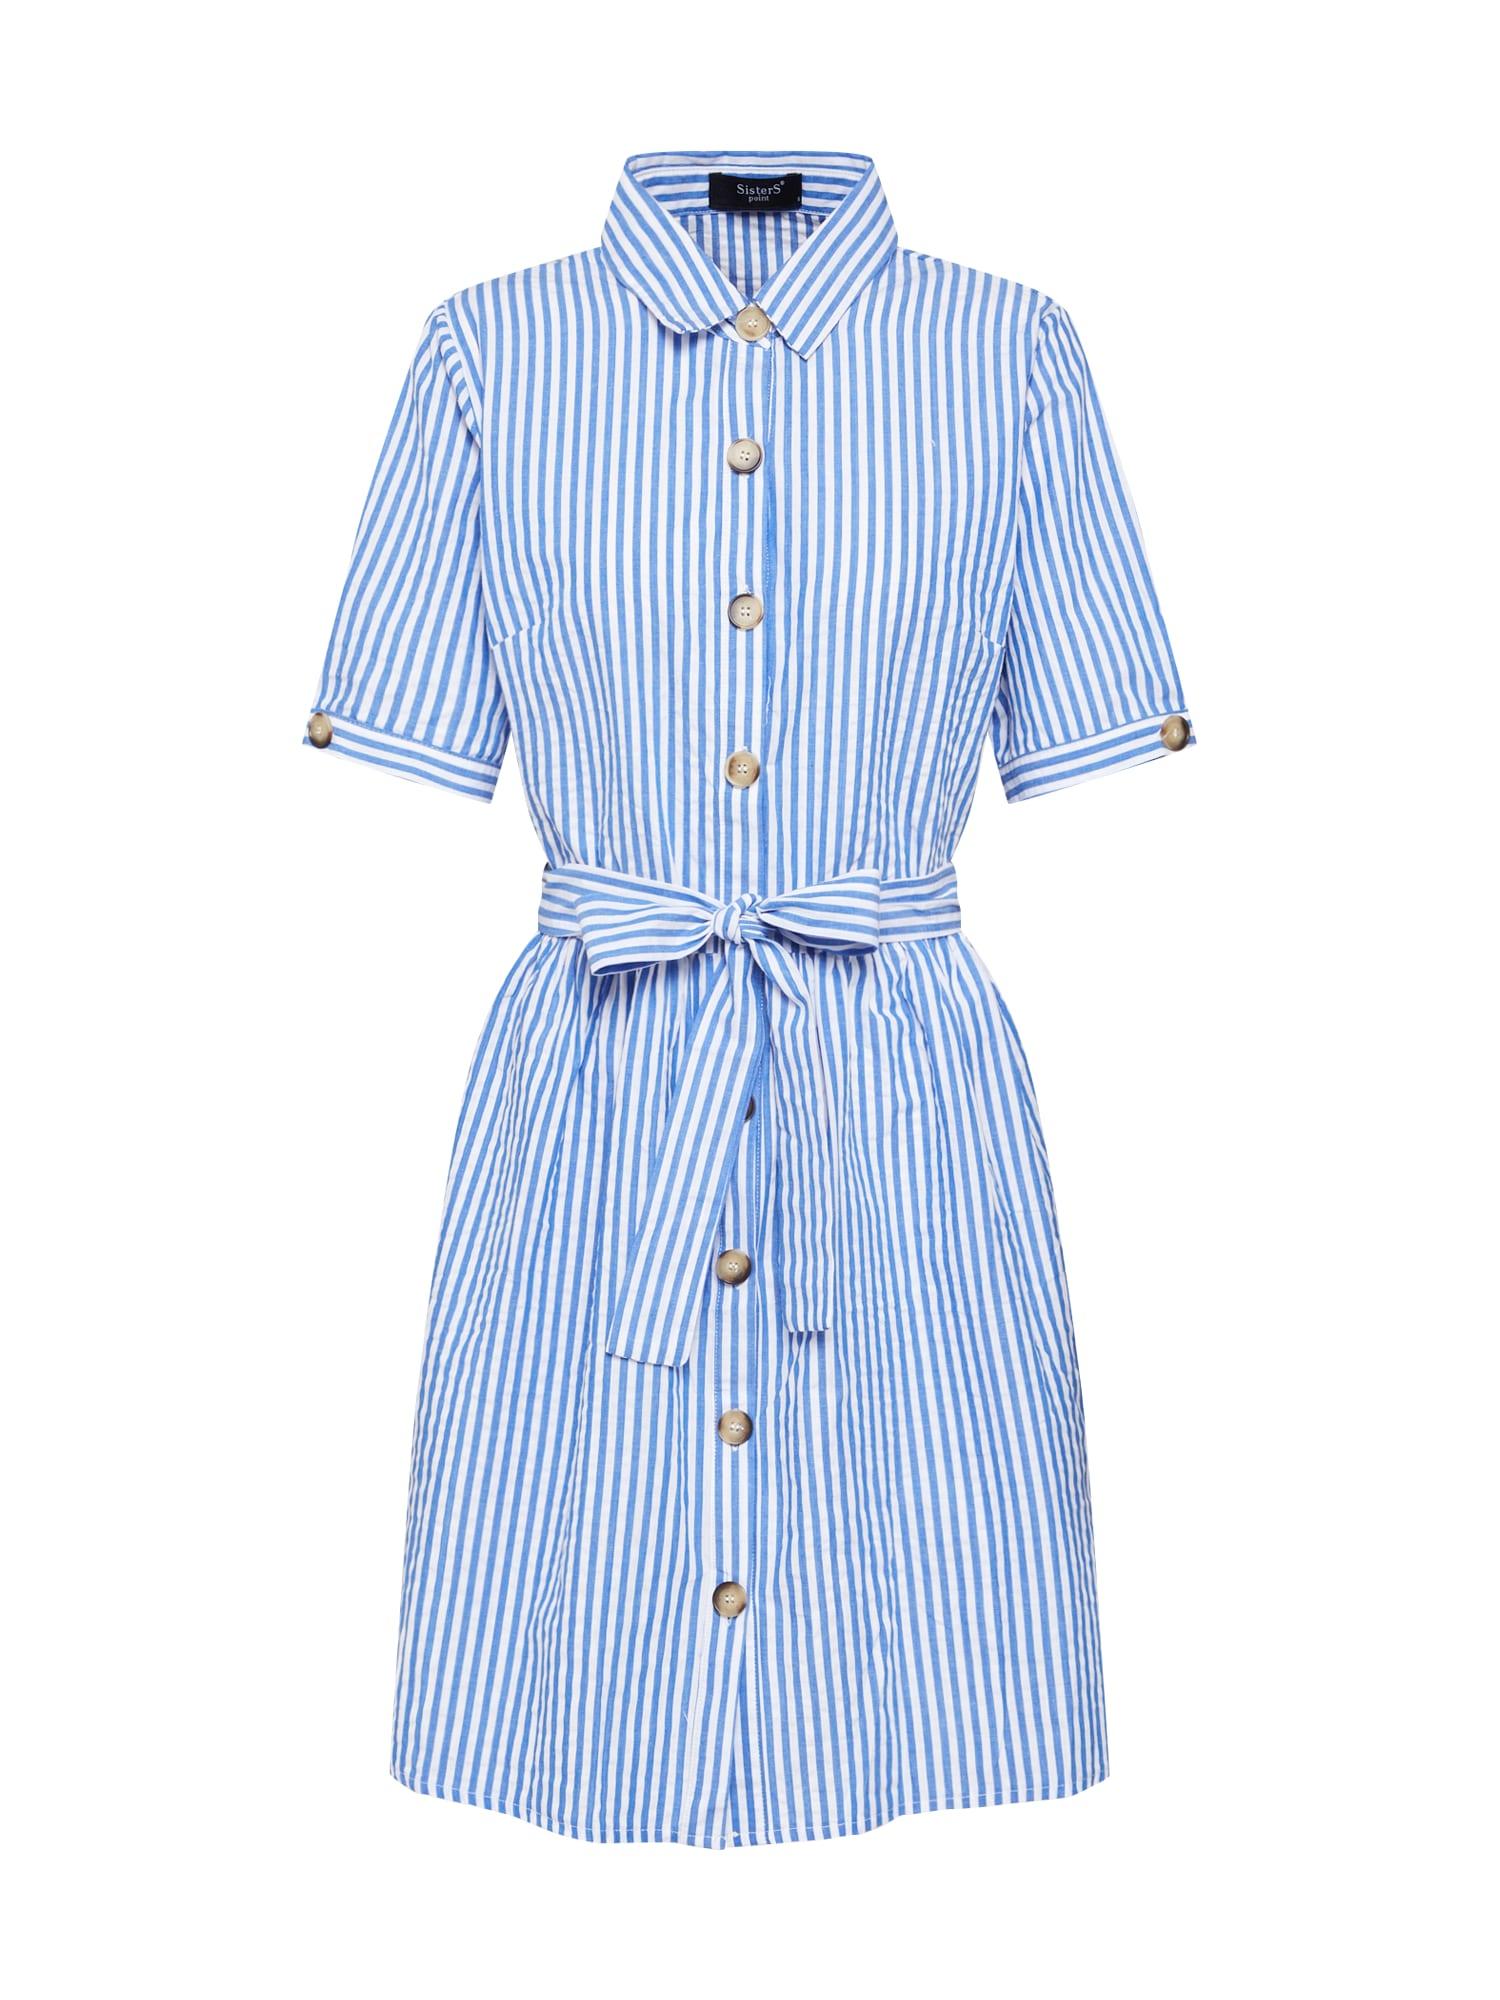 Košilové šaty NUTTI-1 modrá bílá SISTERS POINT